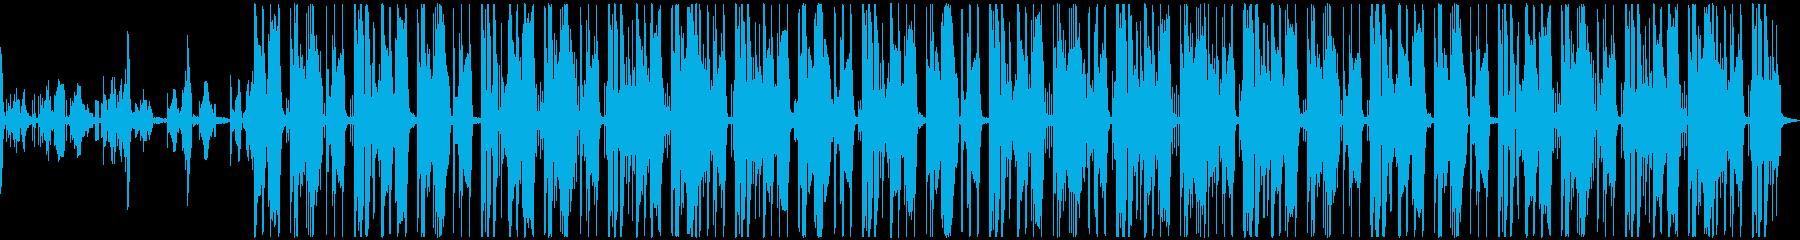 人気のある電子機器 レトロ エーテ...の再生済みの波形